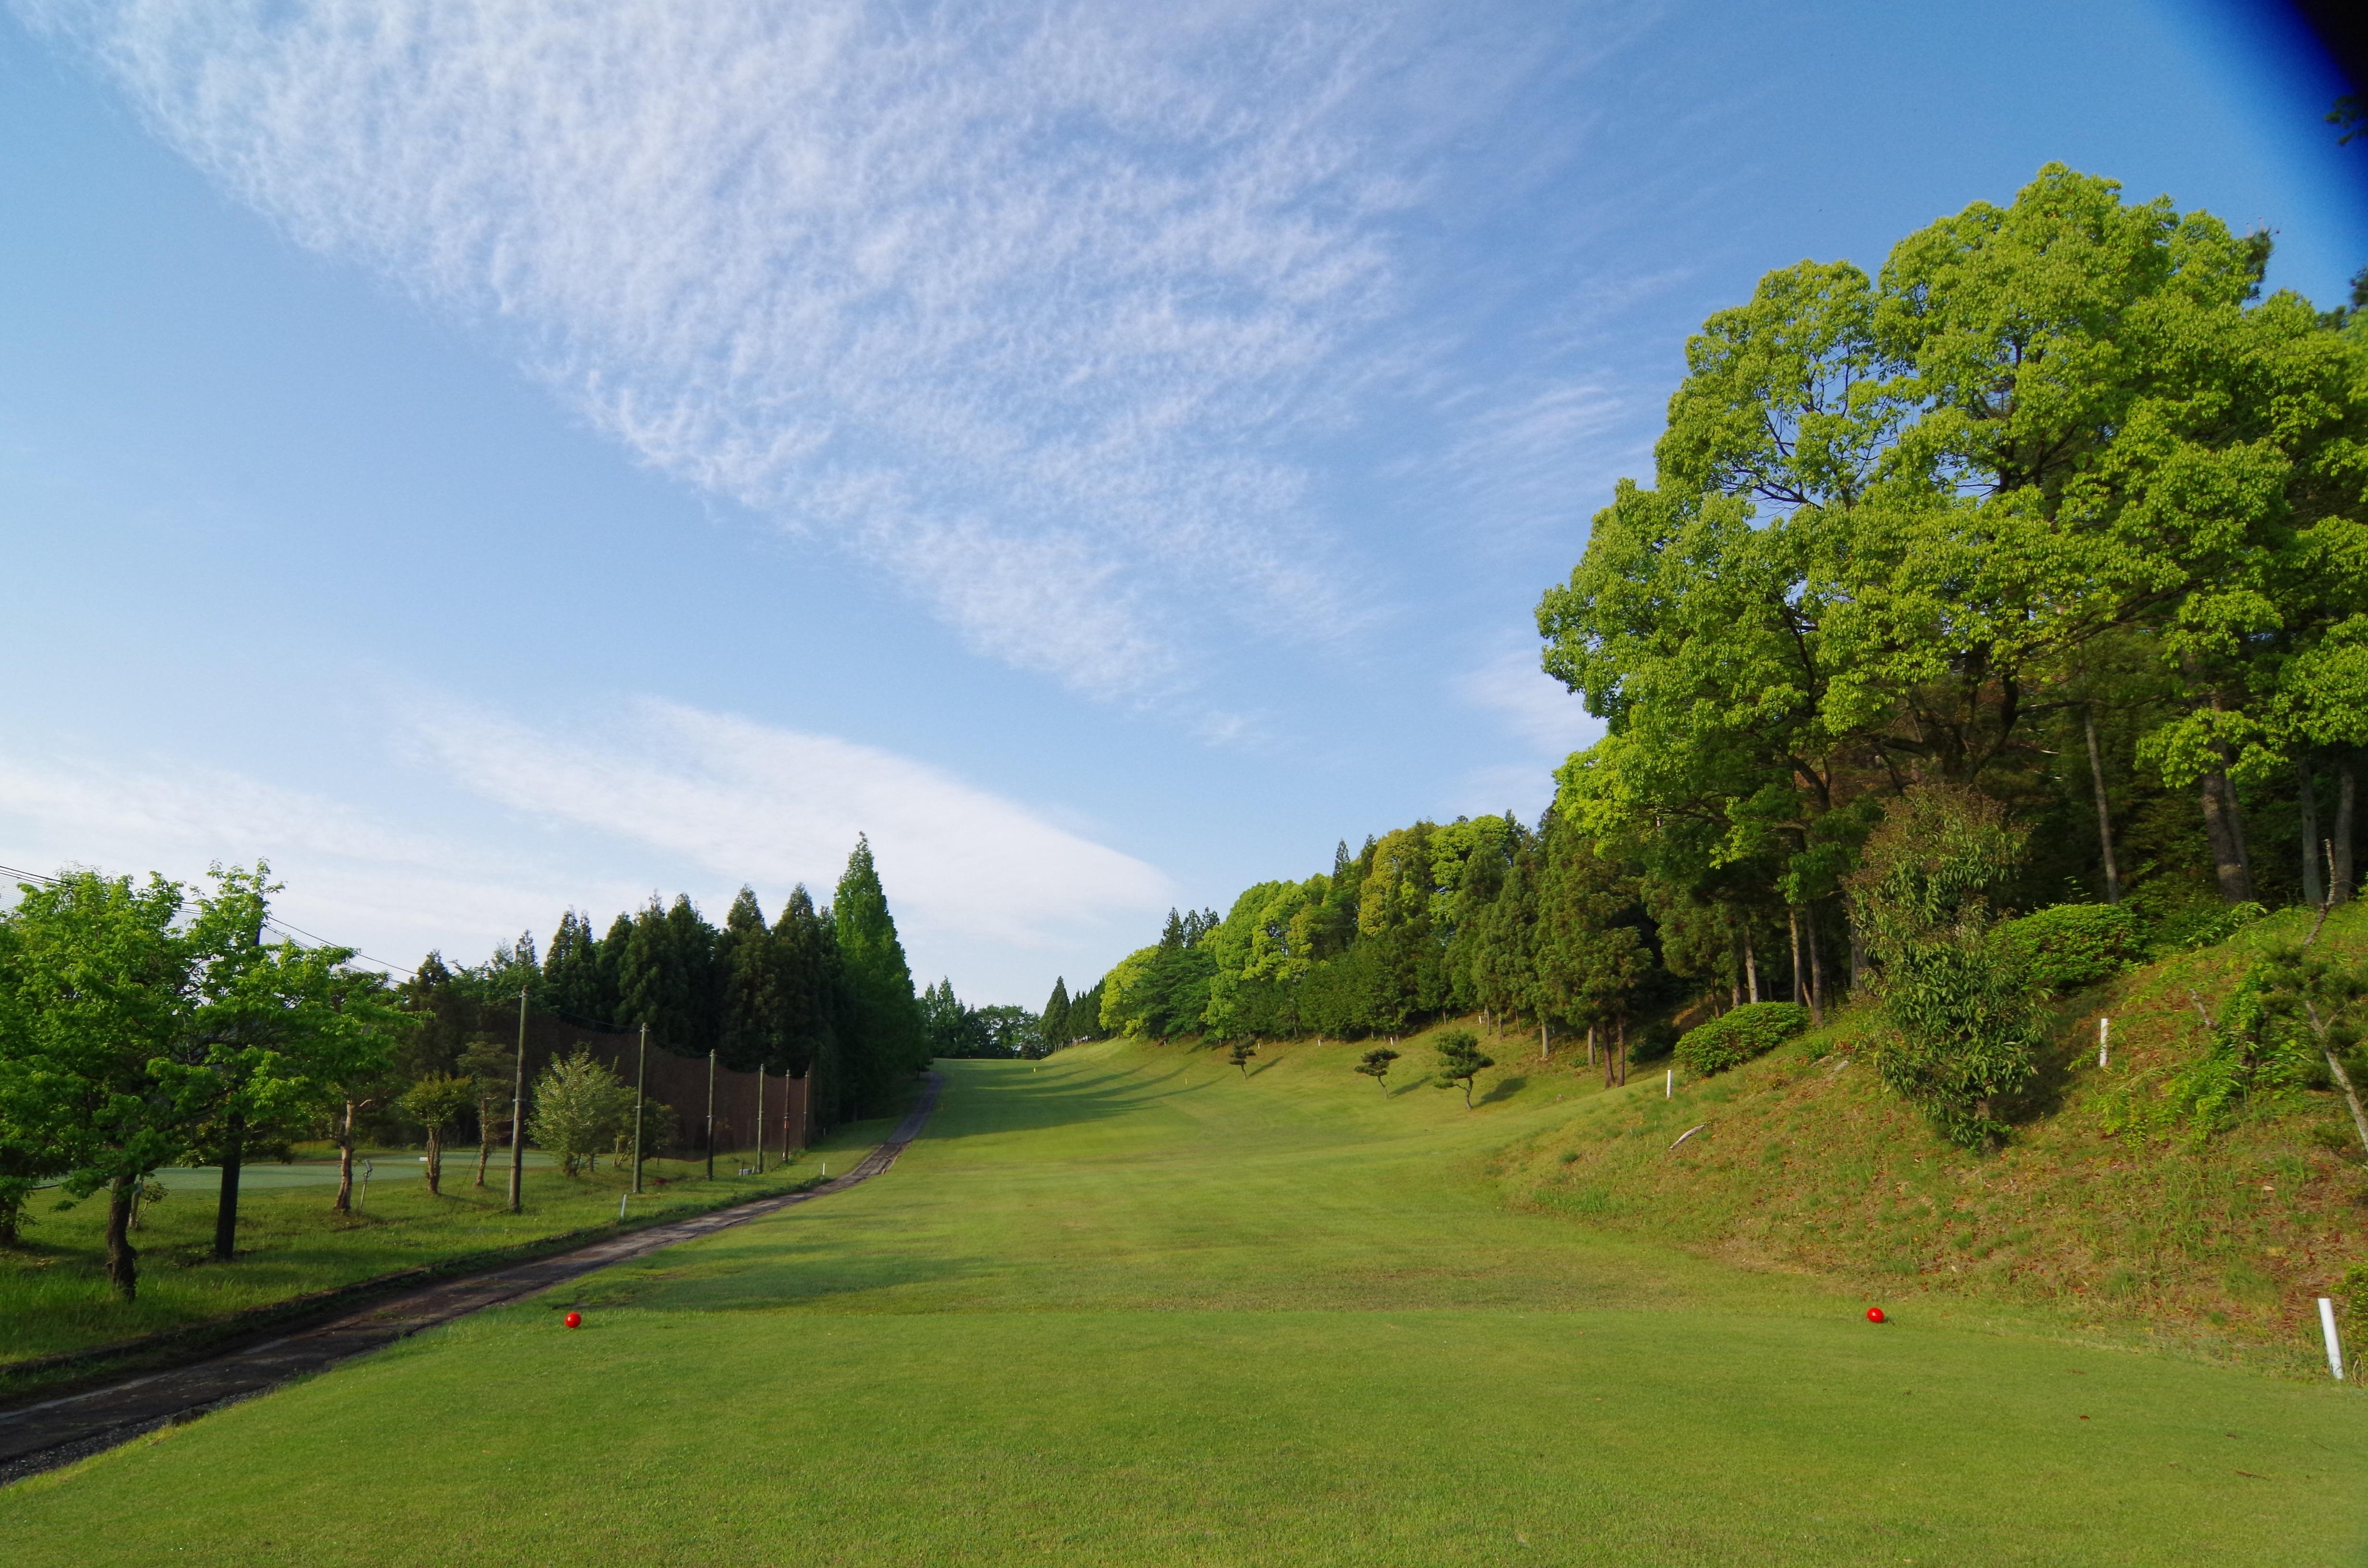 アイランドゴルフパーク岐阜中央(岐阜中央カントリークラブ)